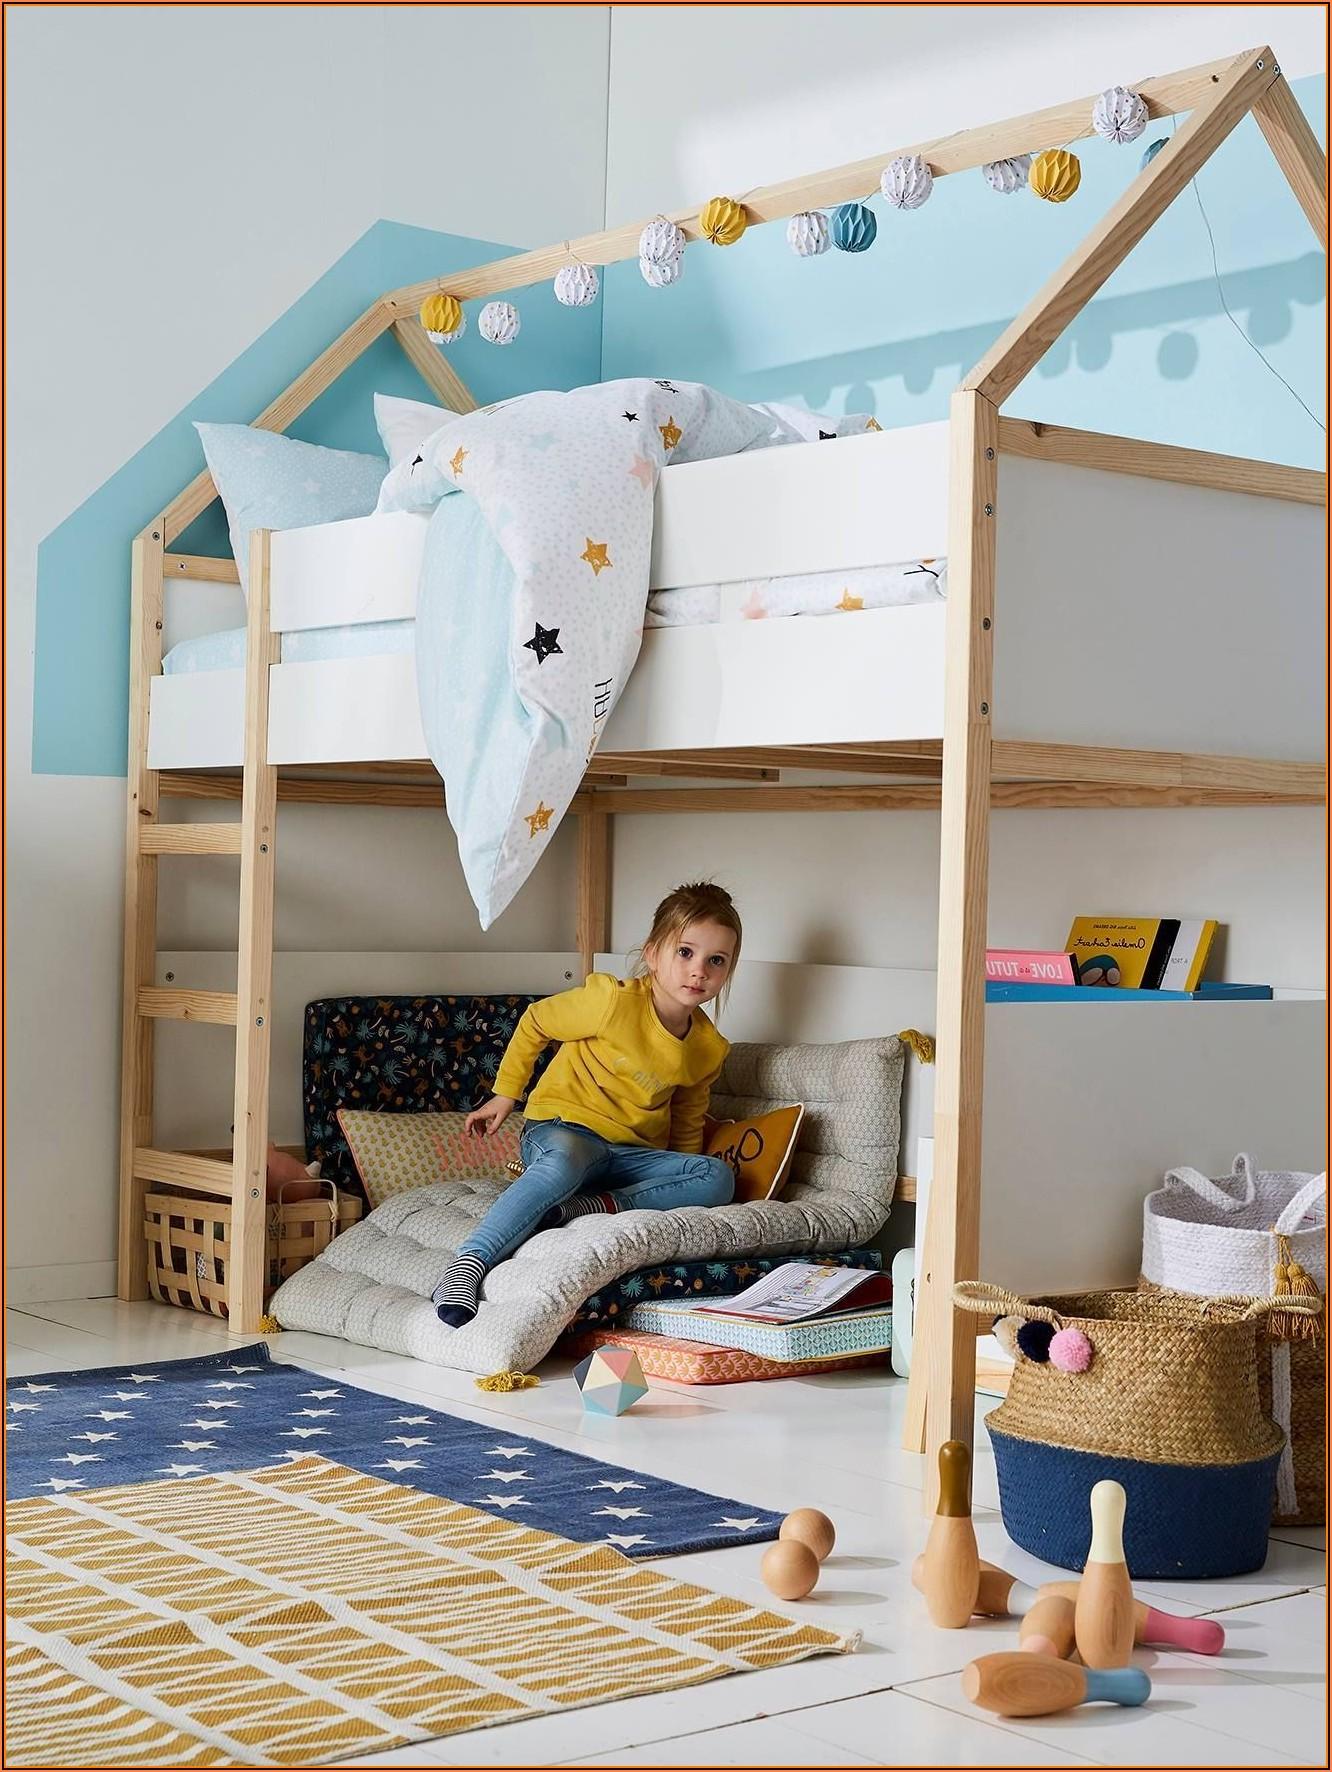 Höhle Im Kinderzimmer Bauen